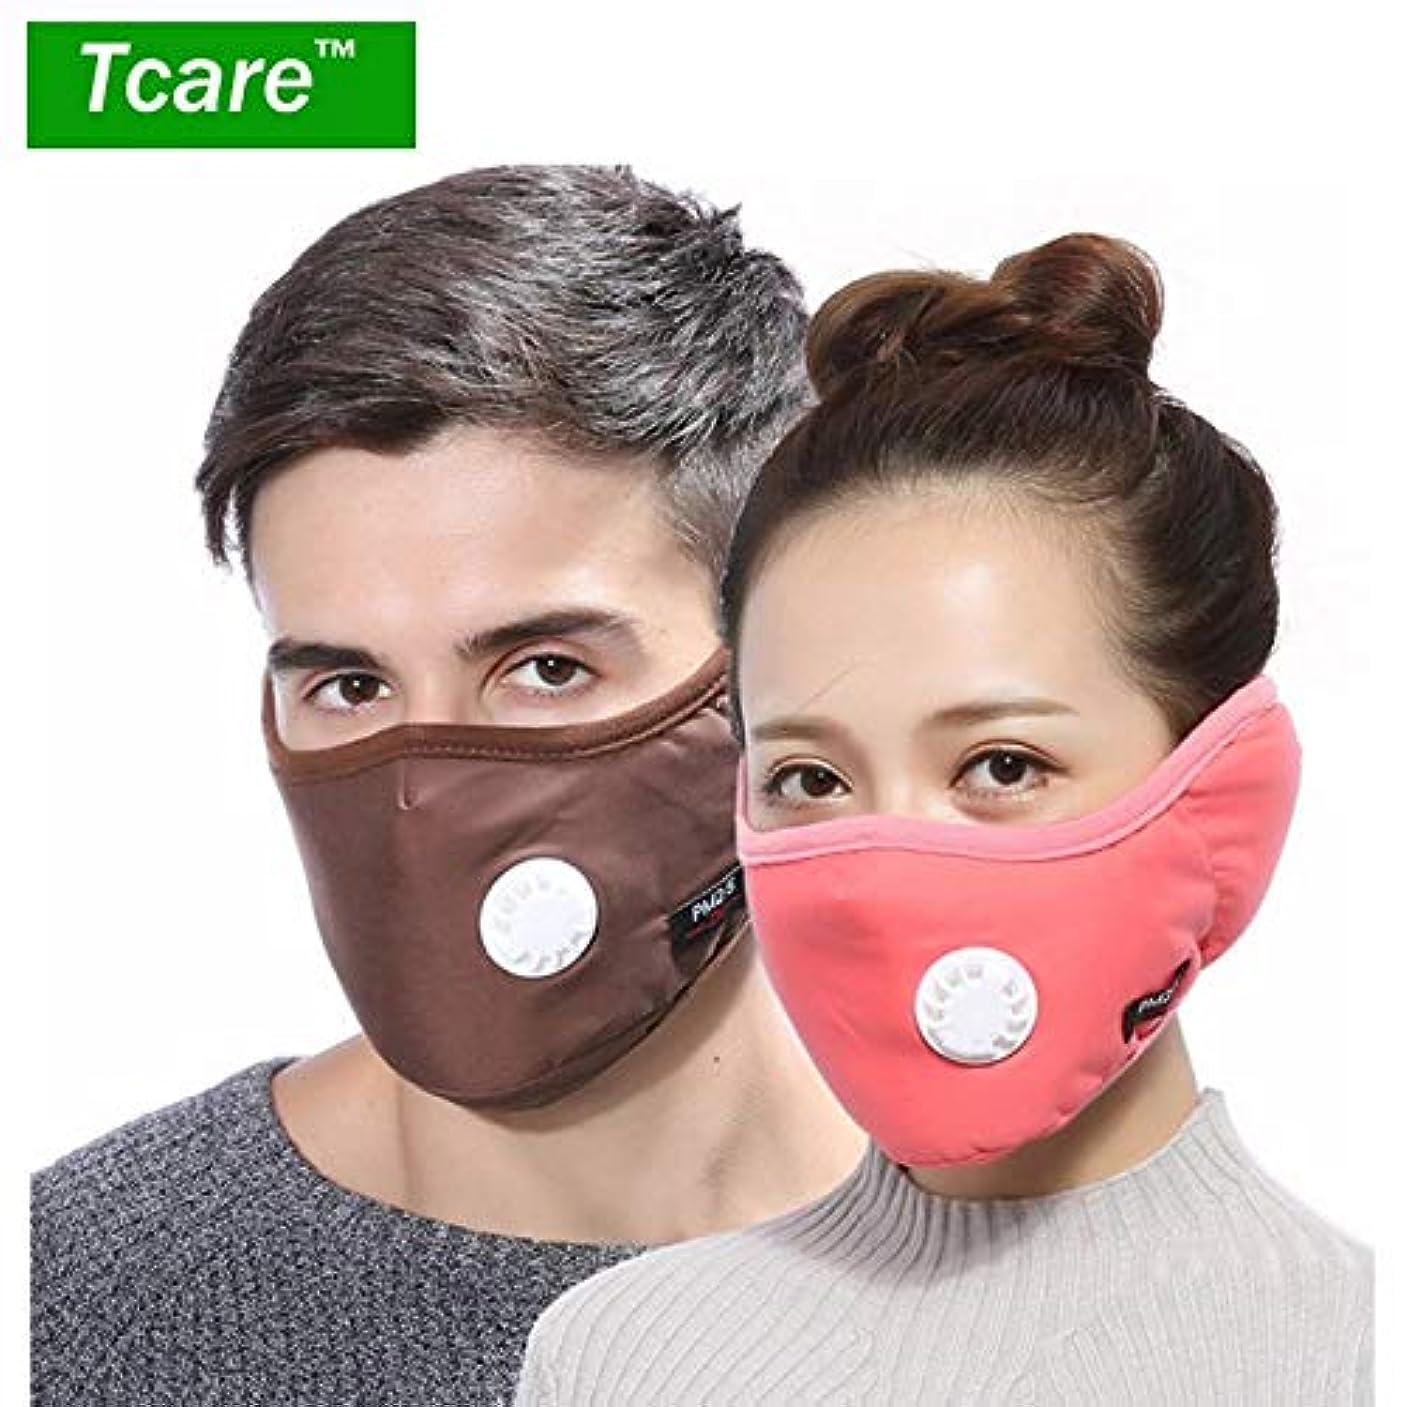 フォーカスきょうだいベット1ブラック:1 PM2.5マスクバルブコットンアンチダスト口マスクの冬のイヤーマフActtedフィルター付マスクでTcare 2